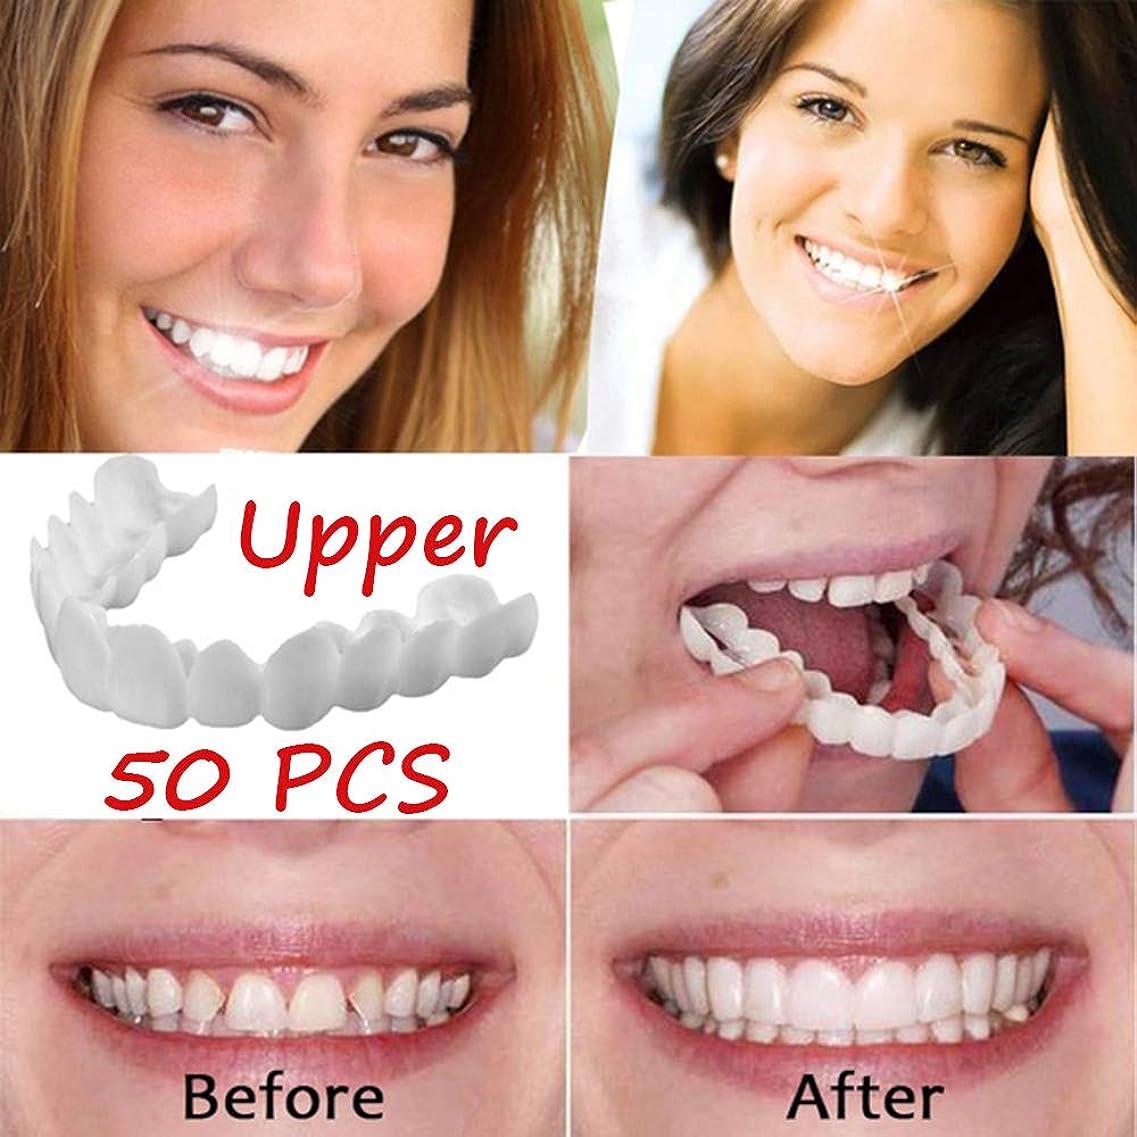 ピストンミシン到着するトップ義歯カバー50ピースコンフォートベニア歯ホワイトニング義歯模擬歯即時笑顔美容義歯オーラルケア美容ツール